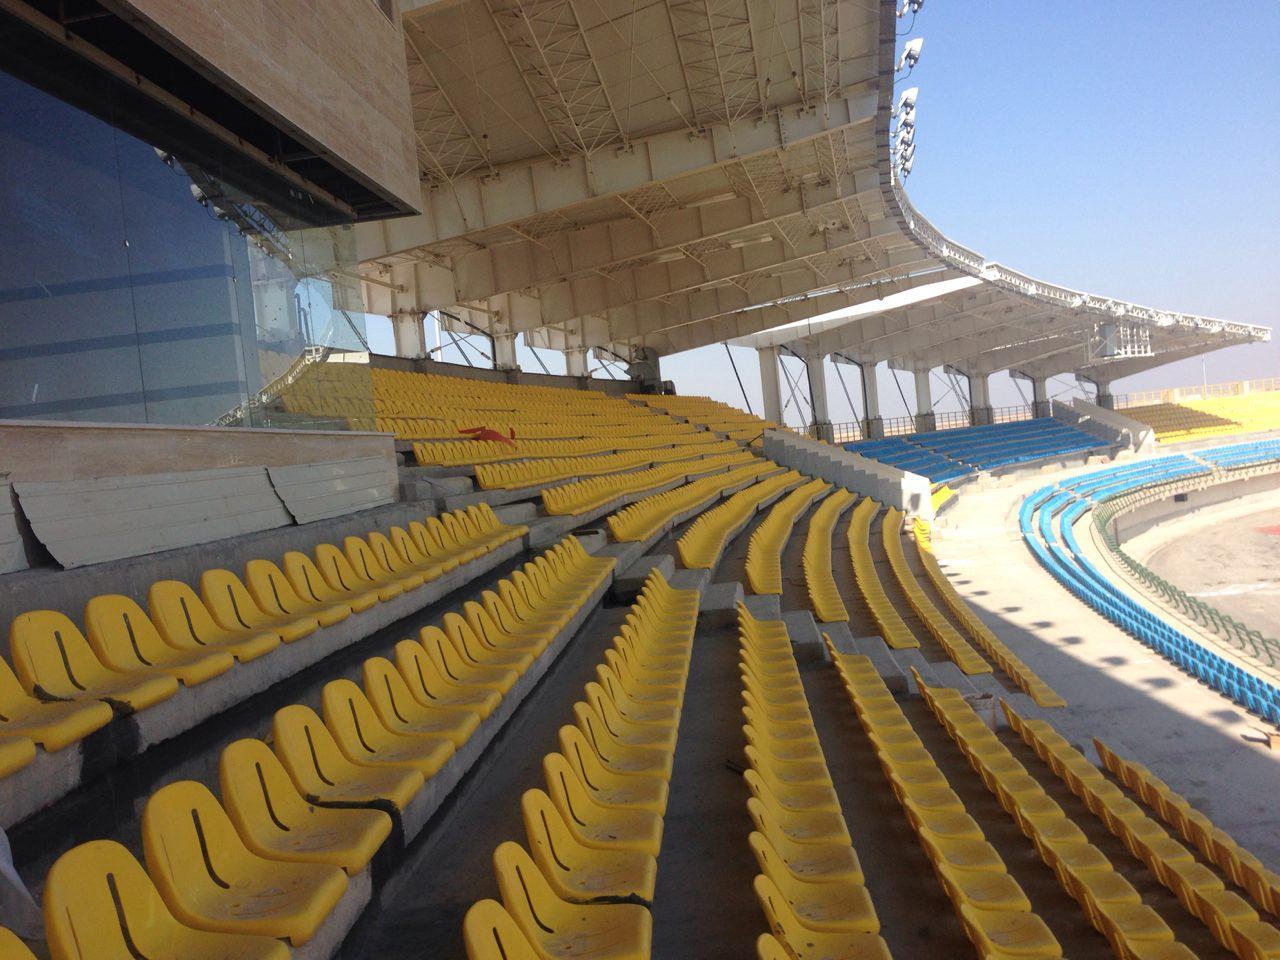 ورزشگاه خرمشهر:مشخصات و اطلاعات تکمیلی